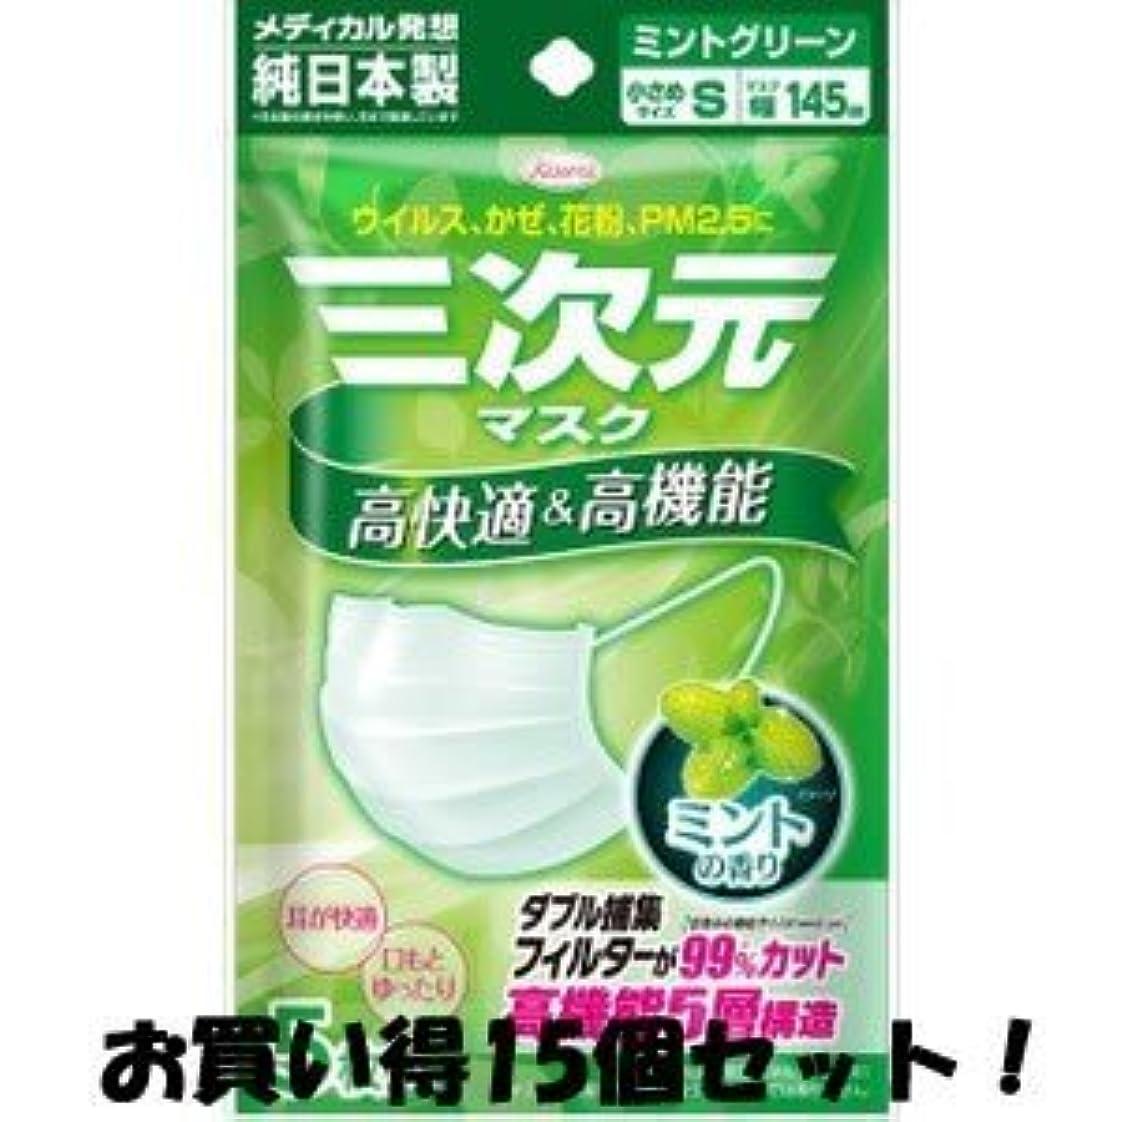 タッチ入植者くびれた(興和新薬)三次元マスク ミントの香り グリーン 小さめSサイズ 5枚入(お買い得15個セット)